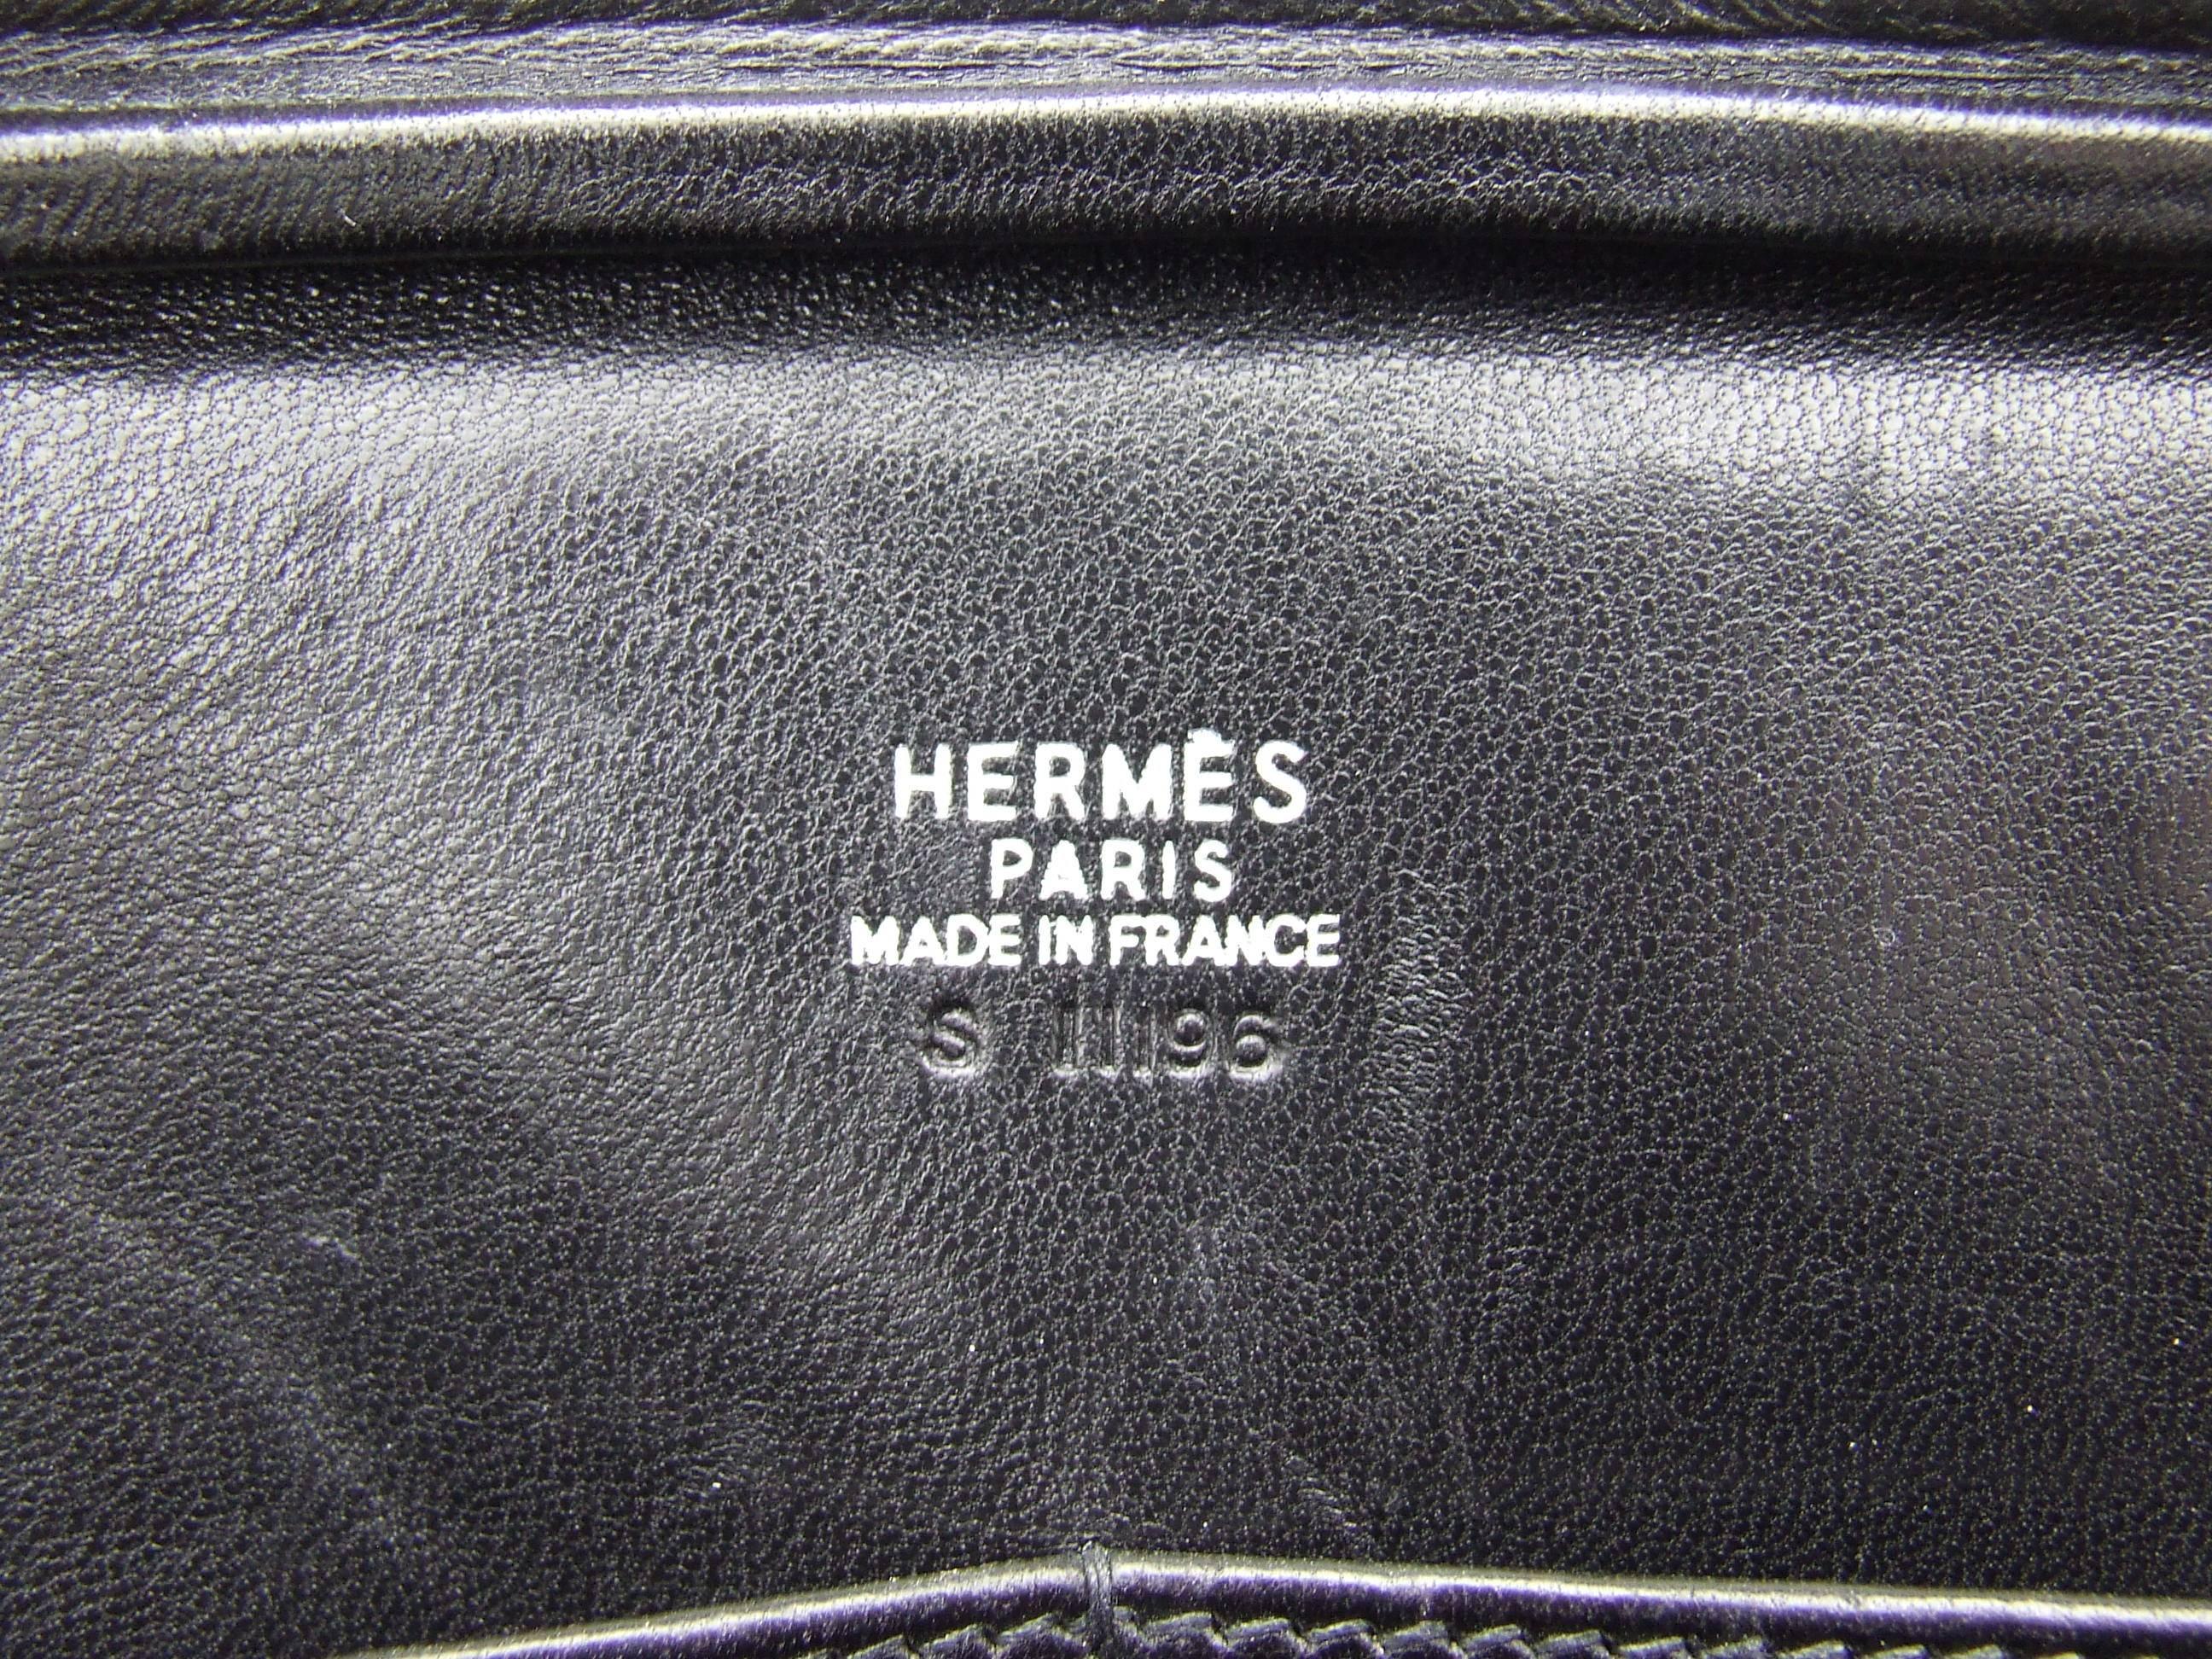 a3e3fc43cf2a ... spain sortie en porcelaine hermès plume cuir chevre argent métallique  Édition limitée elan sac phw 28